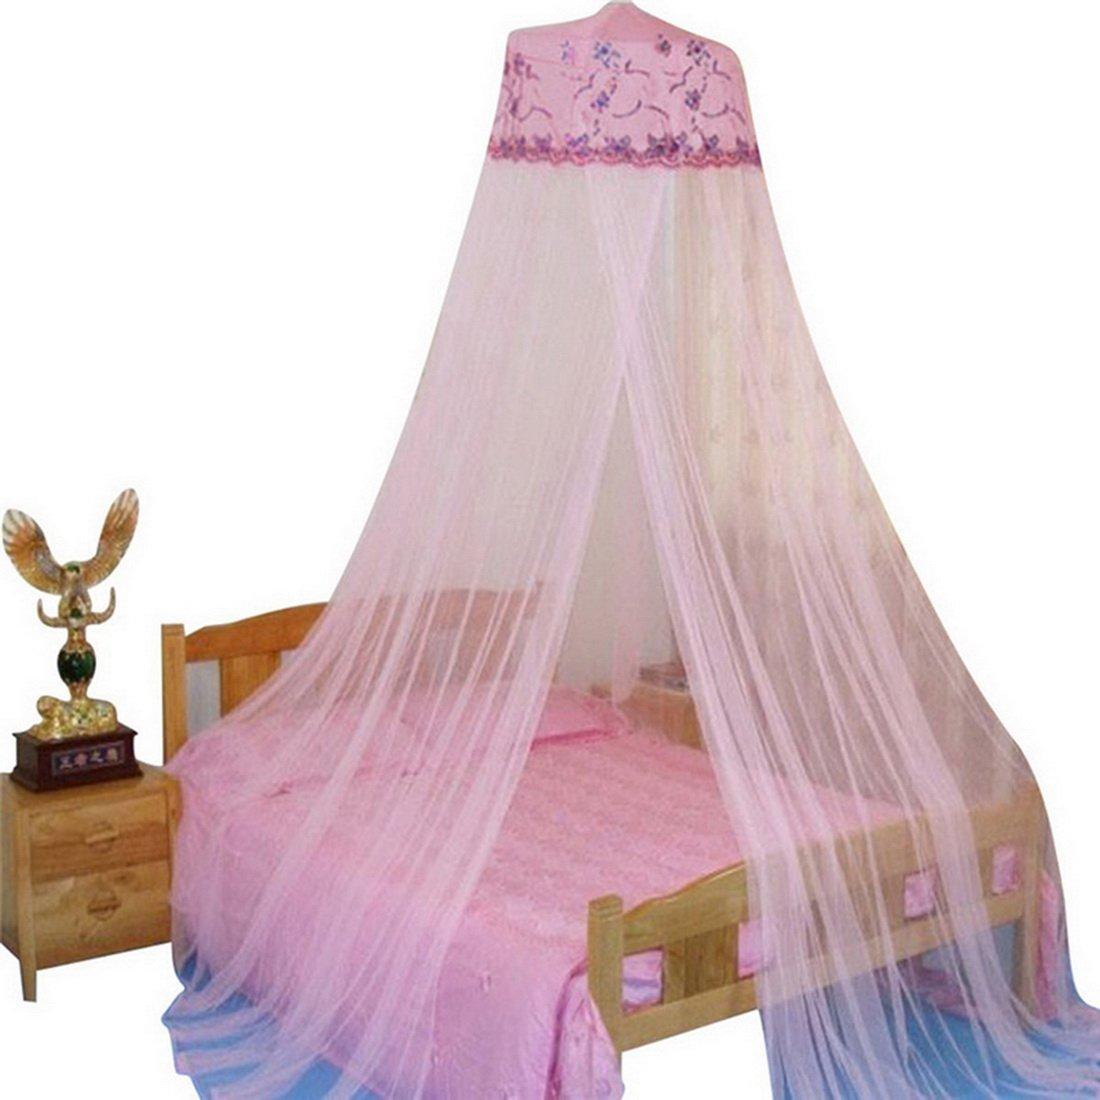 Rund Lace Moskitonetz Prinzessin Moskitonetz Zuhause Kuppel zum Aufh/ängen zur Floor-Moskitonetz Ryoizen Kuppel Bett Baldachin Mueckennetz Moskitonetz